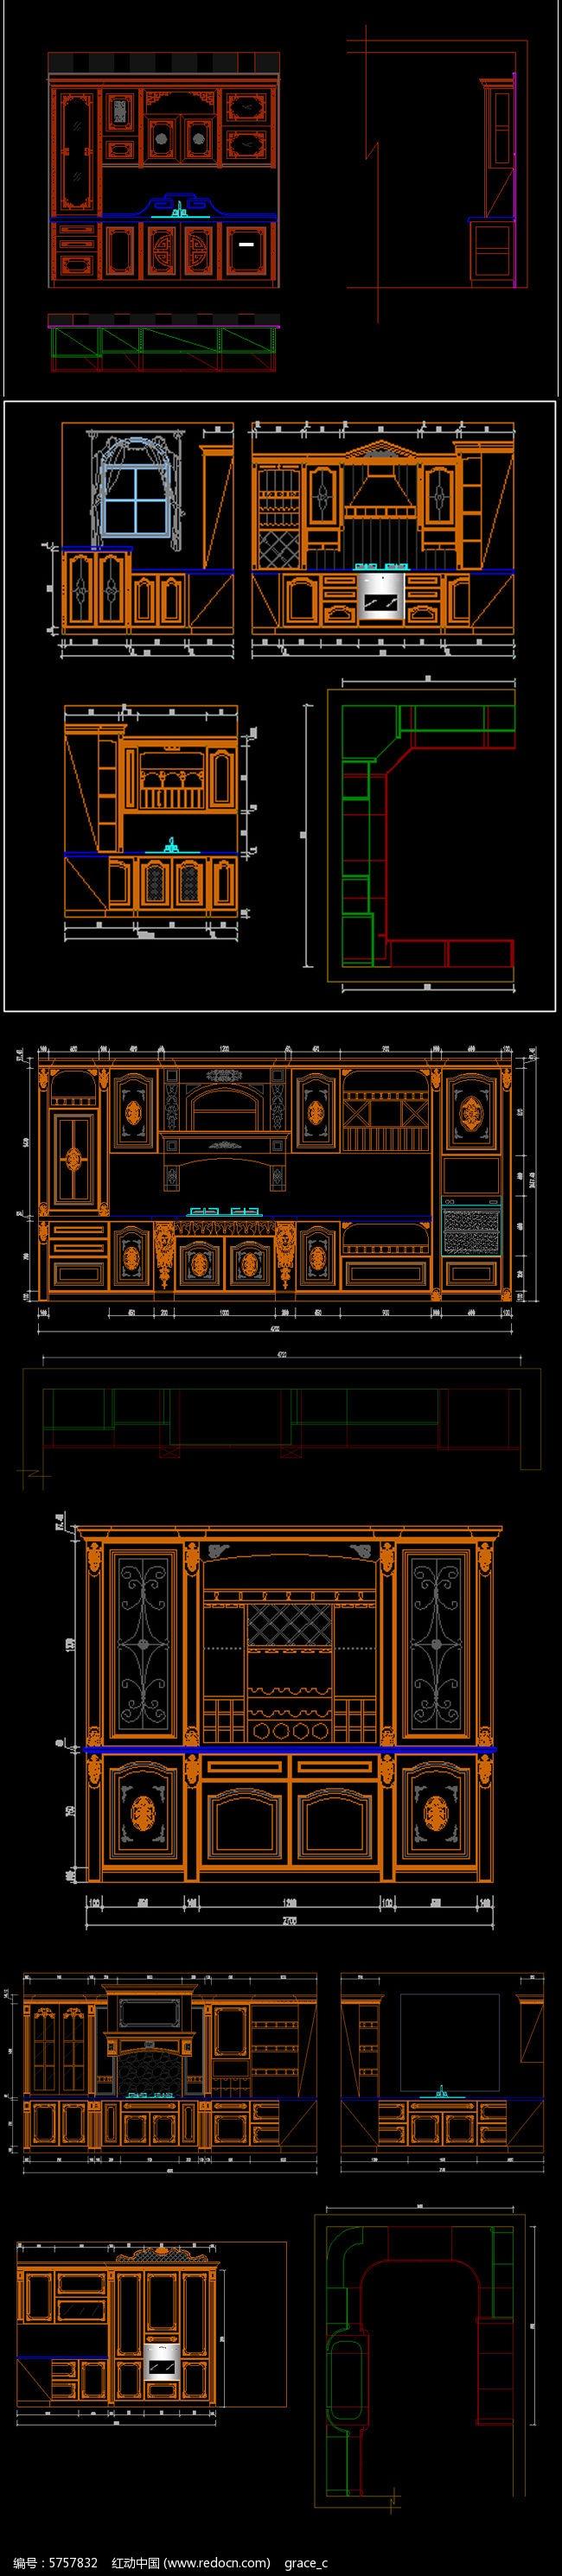 全套精品中式欧式整体实木橱柜图库图片